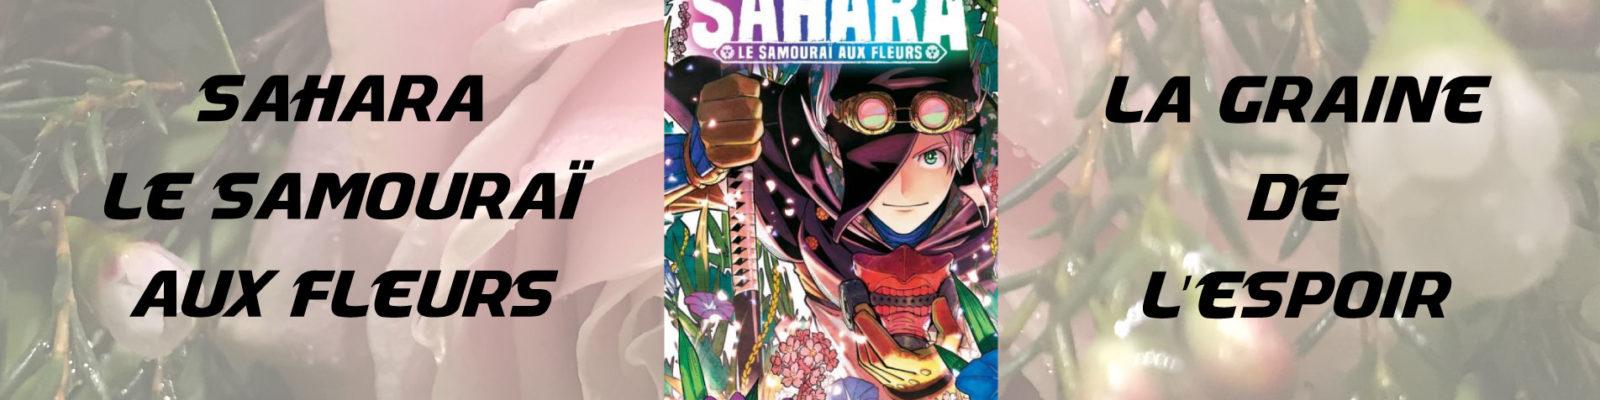 Sahara,-le-samouraï-aux-fleurs-2